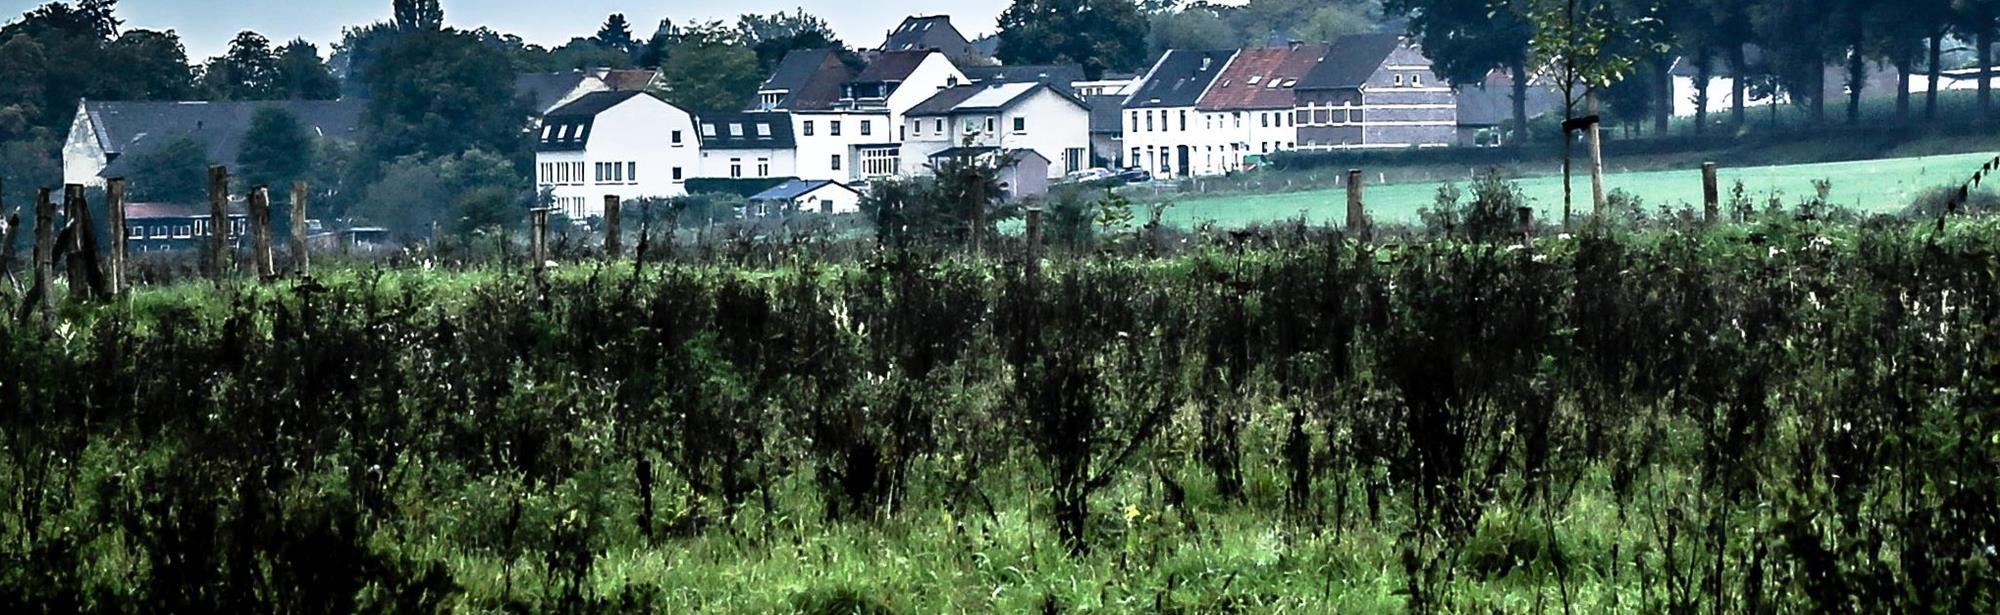 Houthem St. Gerlach